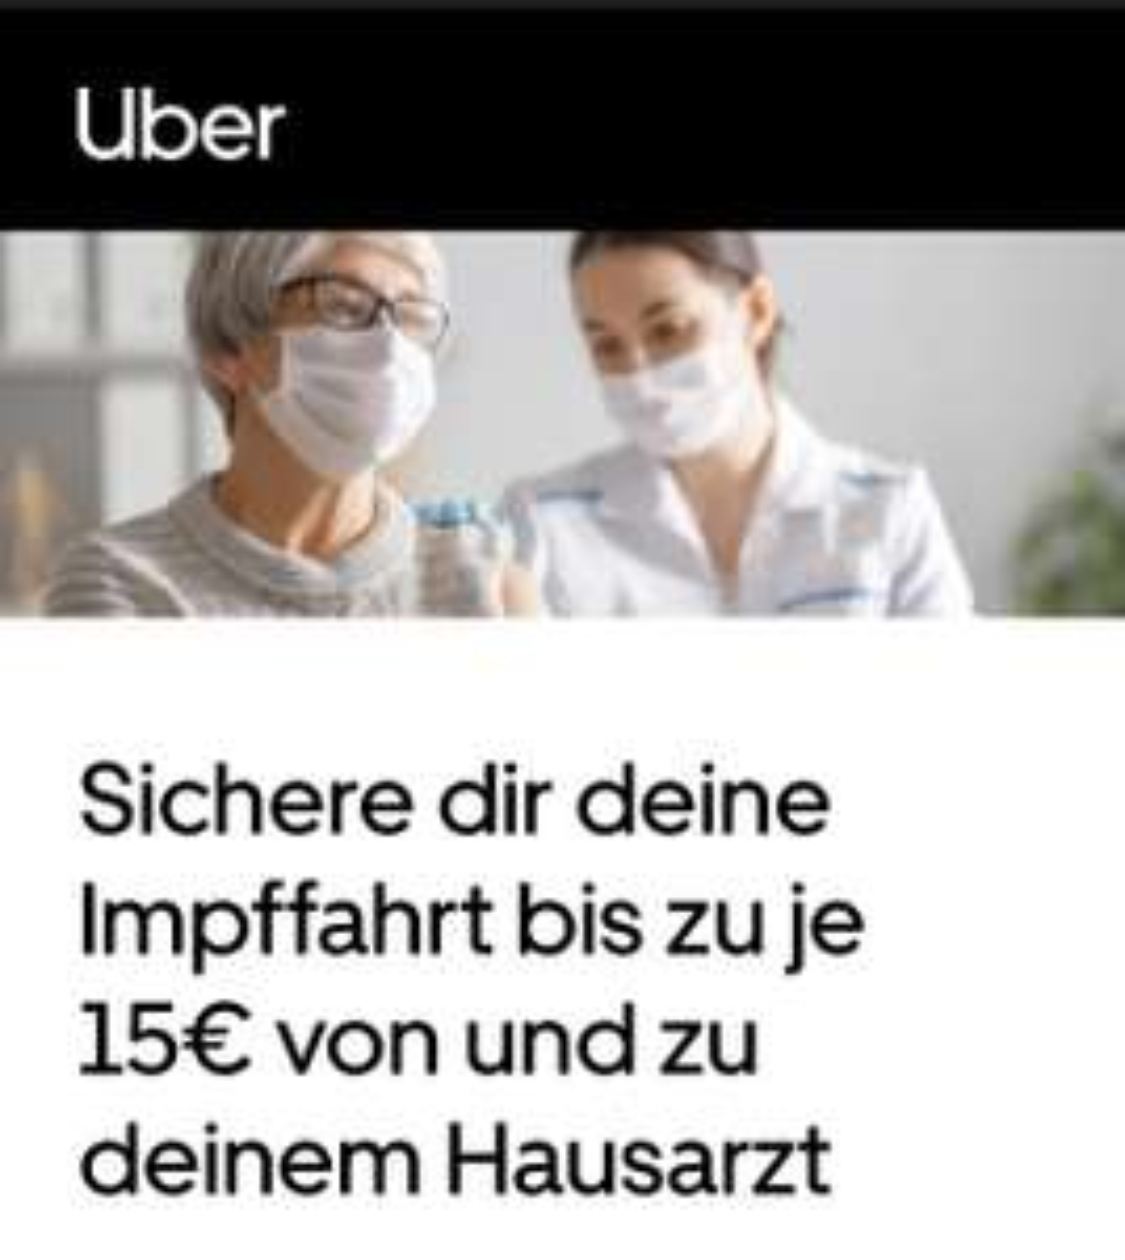 Uber Gutscheine zum Impftermin (Berlin, Frankfurt, München, Köln, Düsseldorf, Leverkusen & Gladbach)